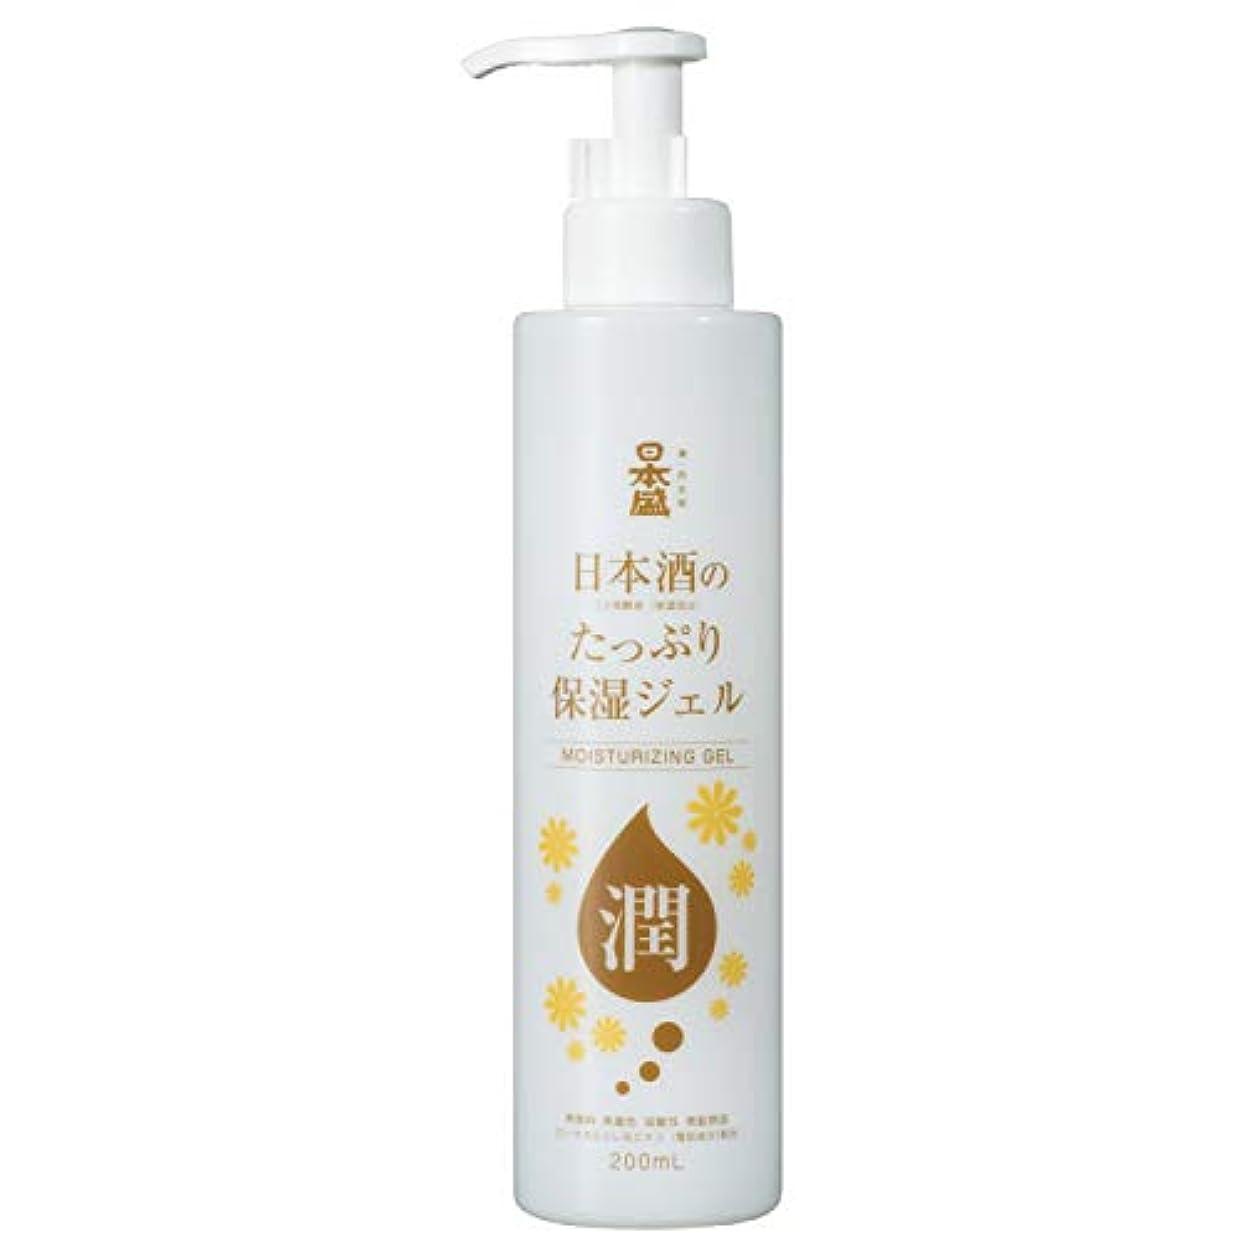 政策フェッチダイアクリティカル日本盛 日本酒のたっぷり保湿ジェル 200ml (無香料 無着色 純米酒)